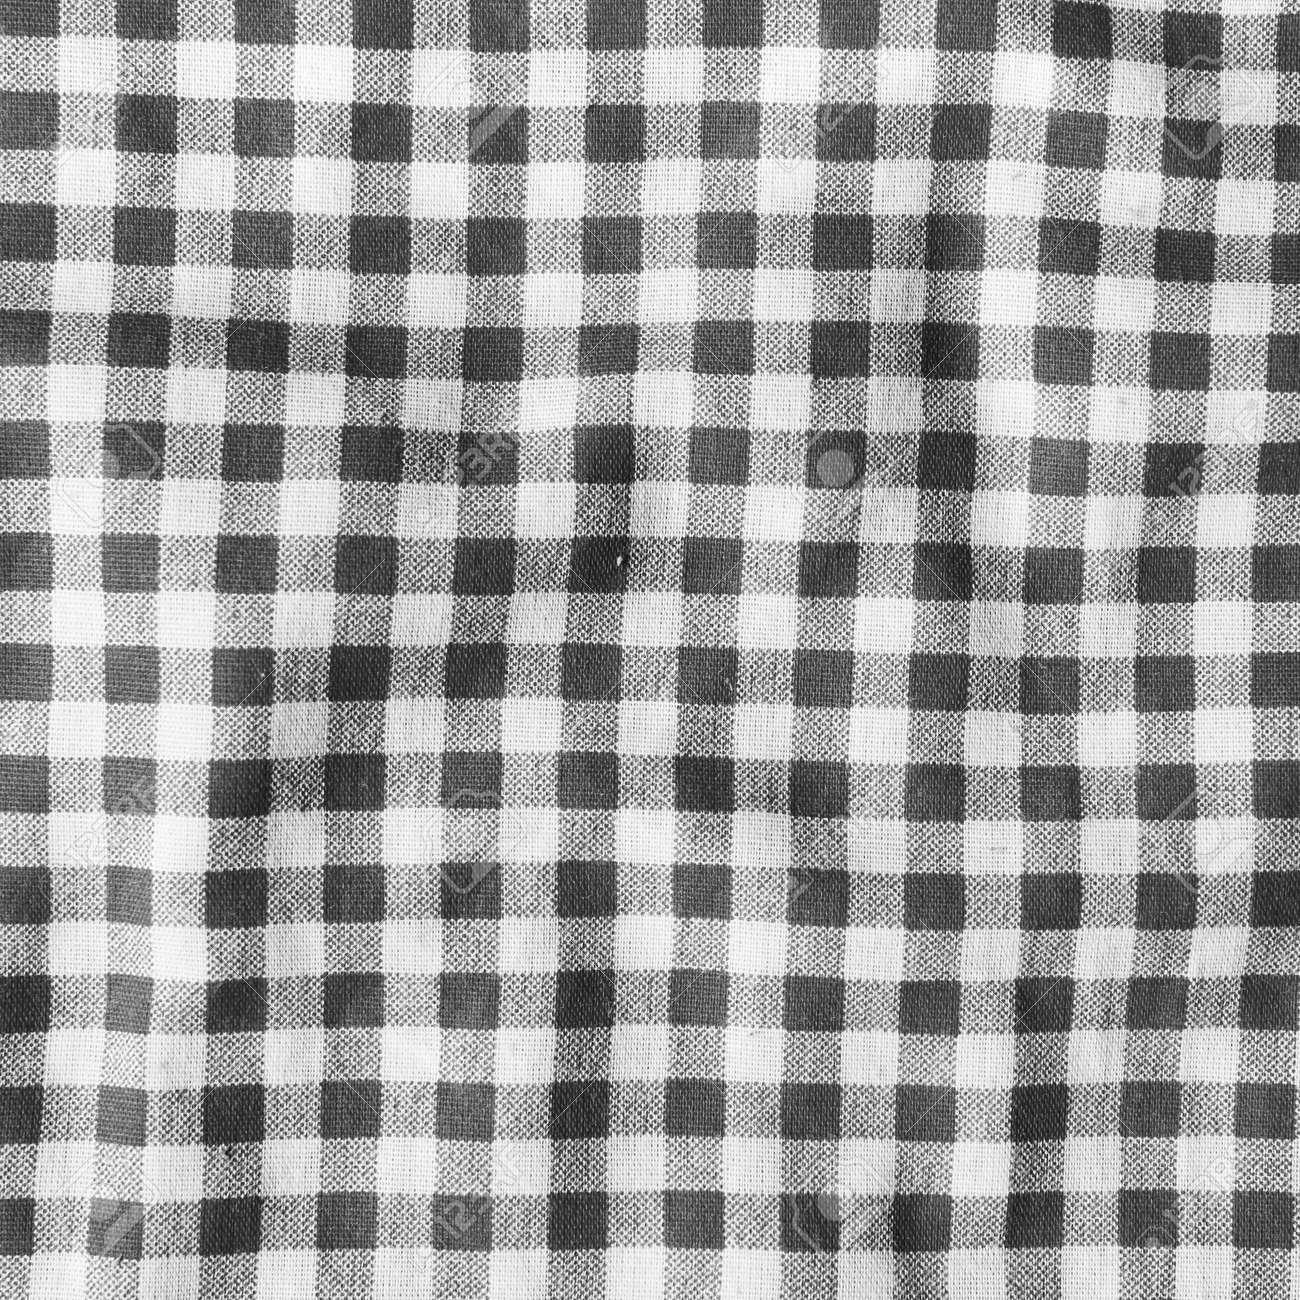 la textura de una manta de picnic a cuadros blanco y negro lino rojo arrugado